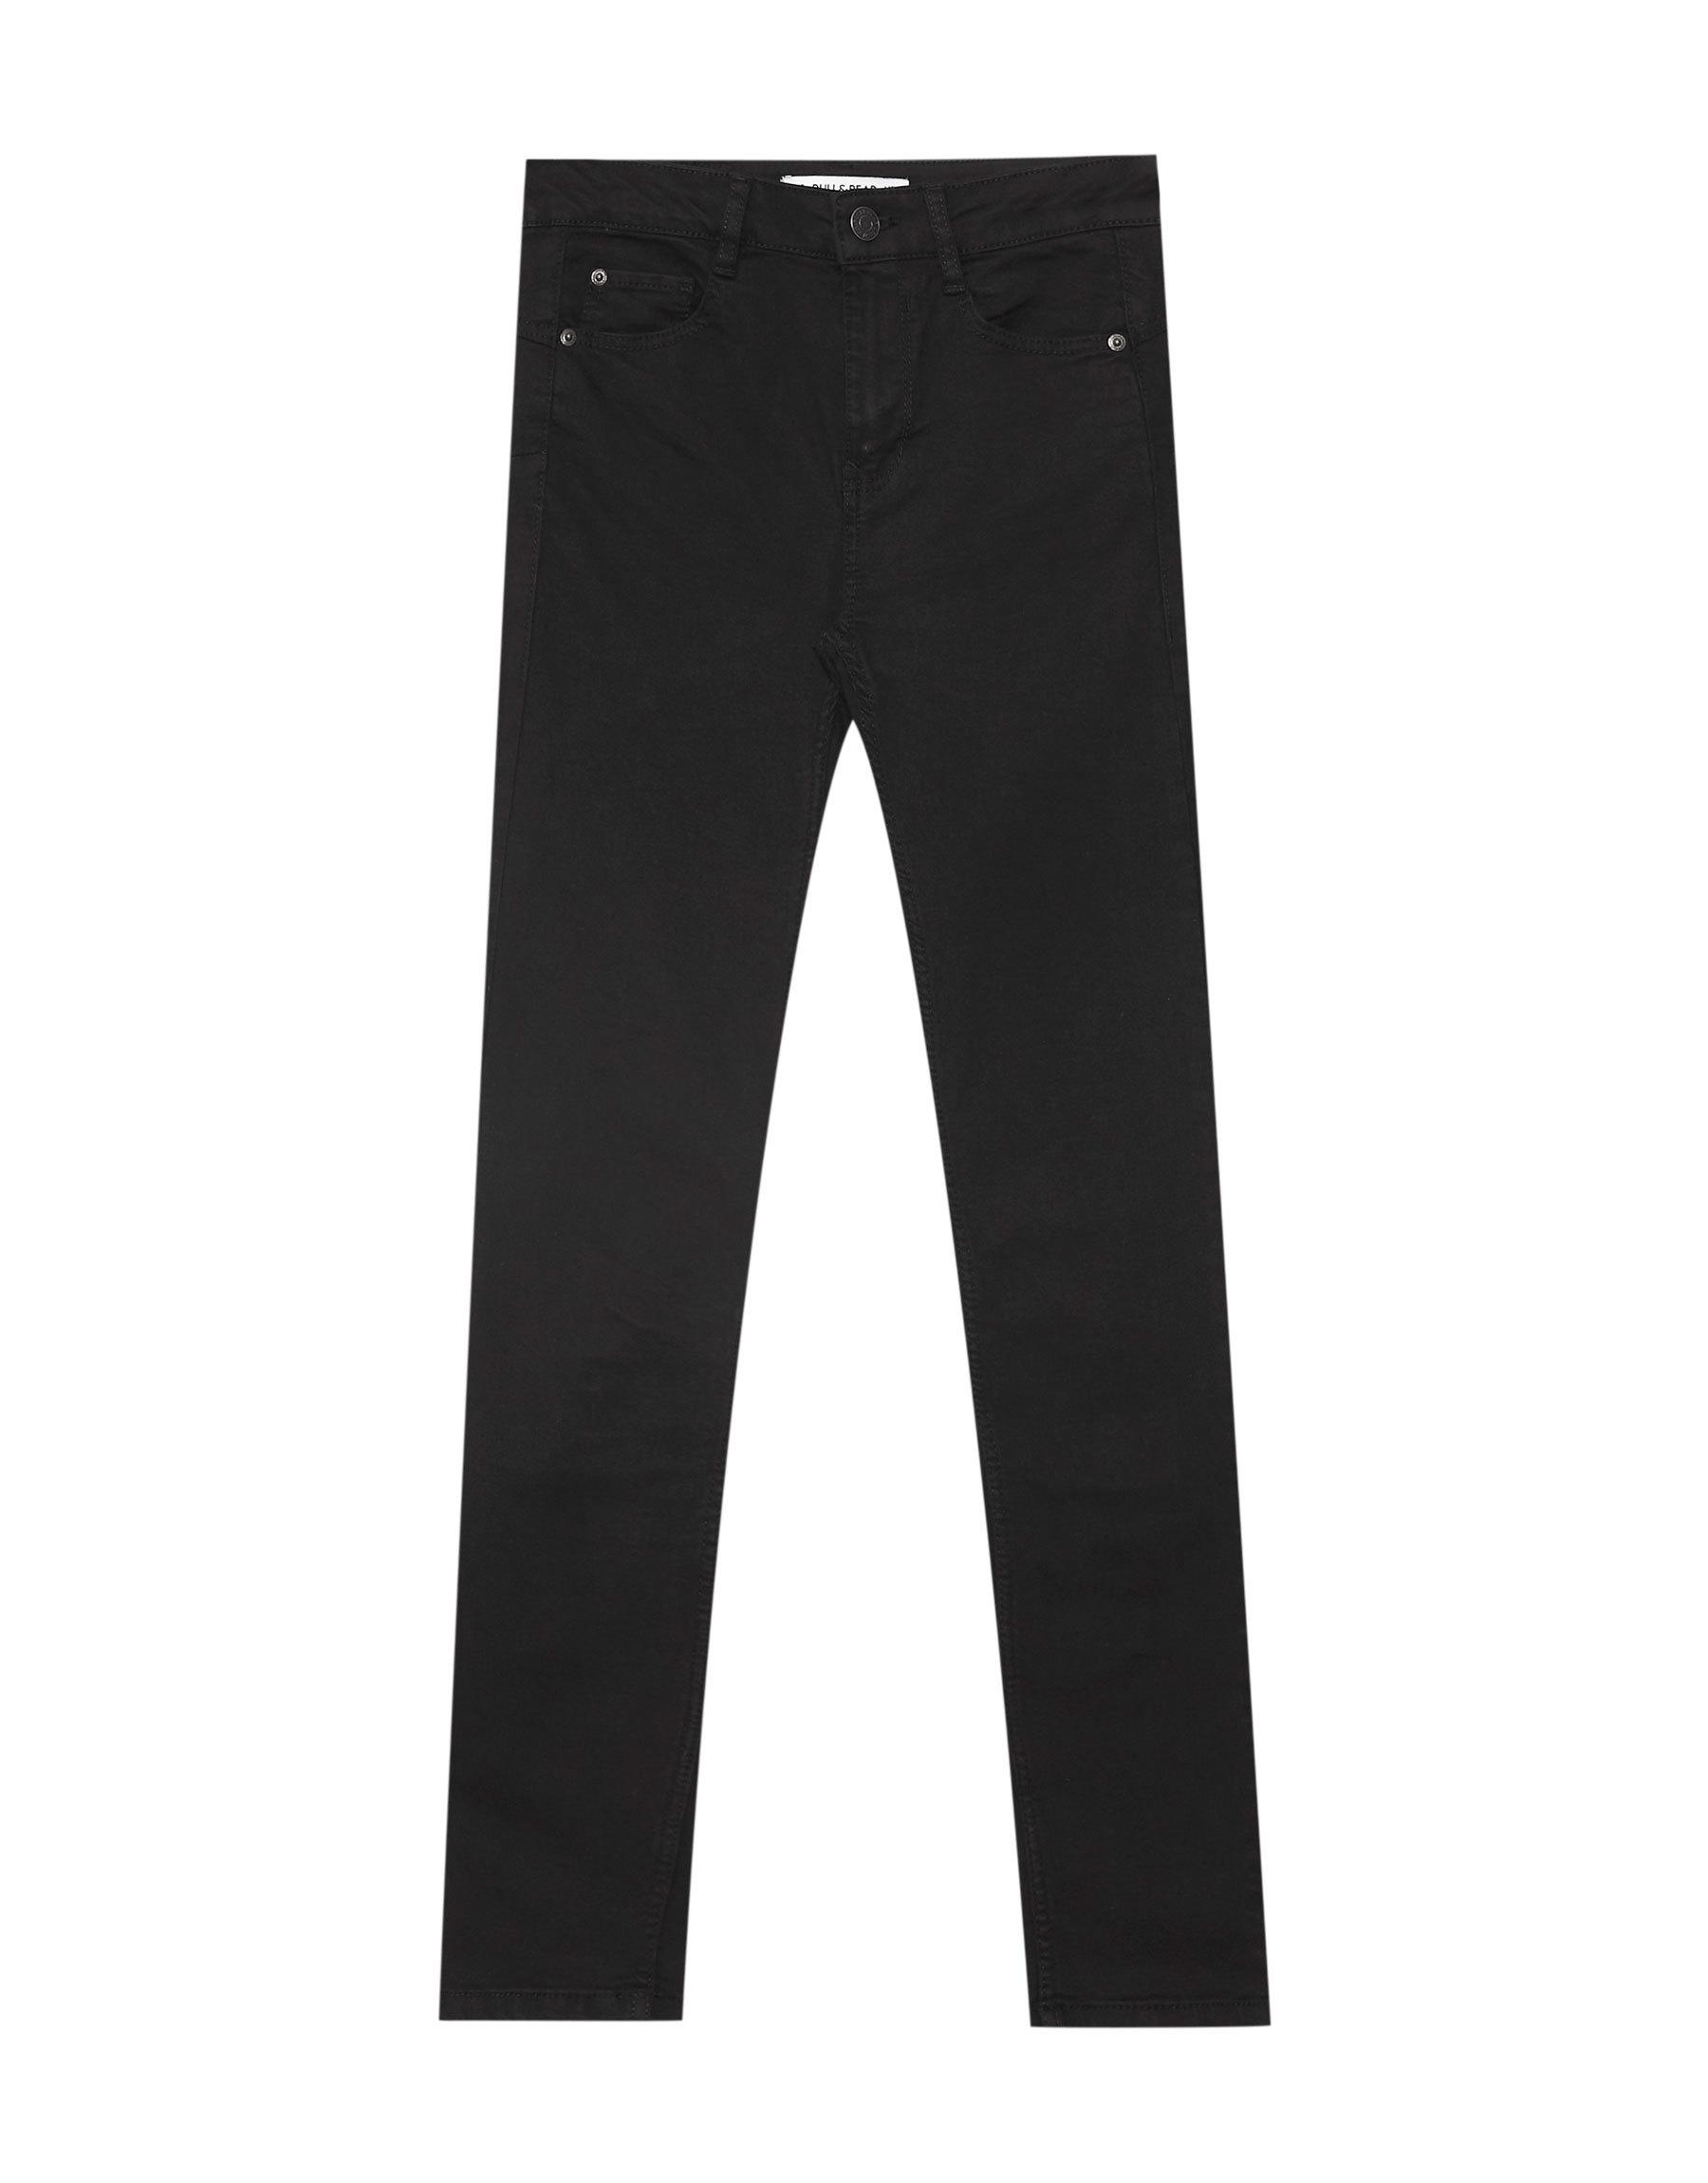 Pantalón de Pull & Bear (17,99 euros).